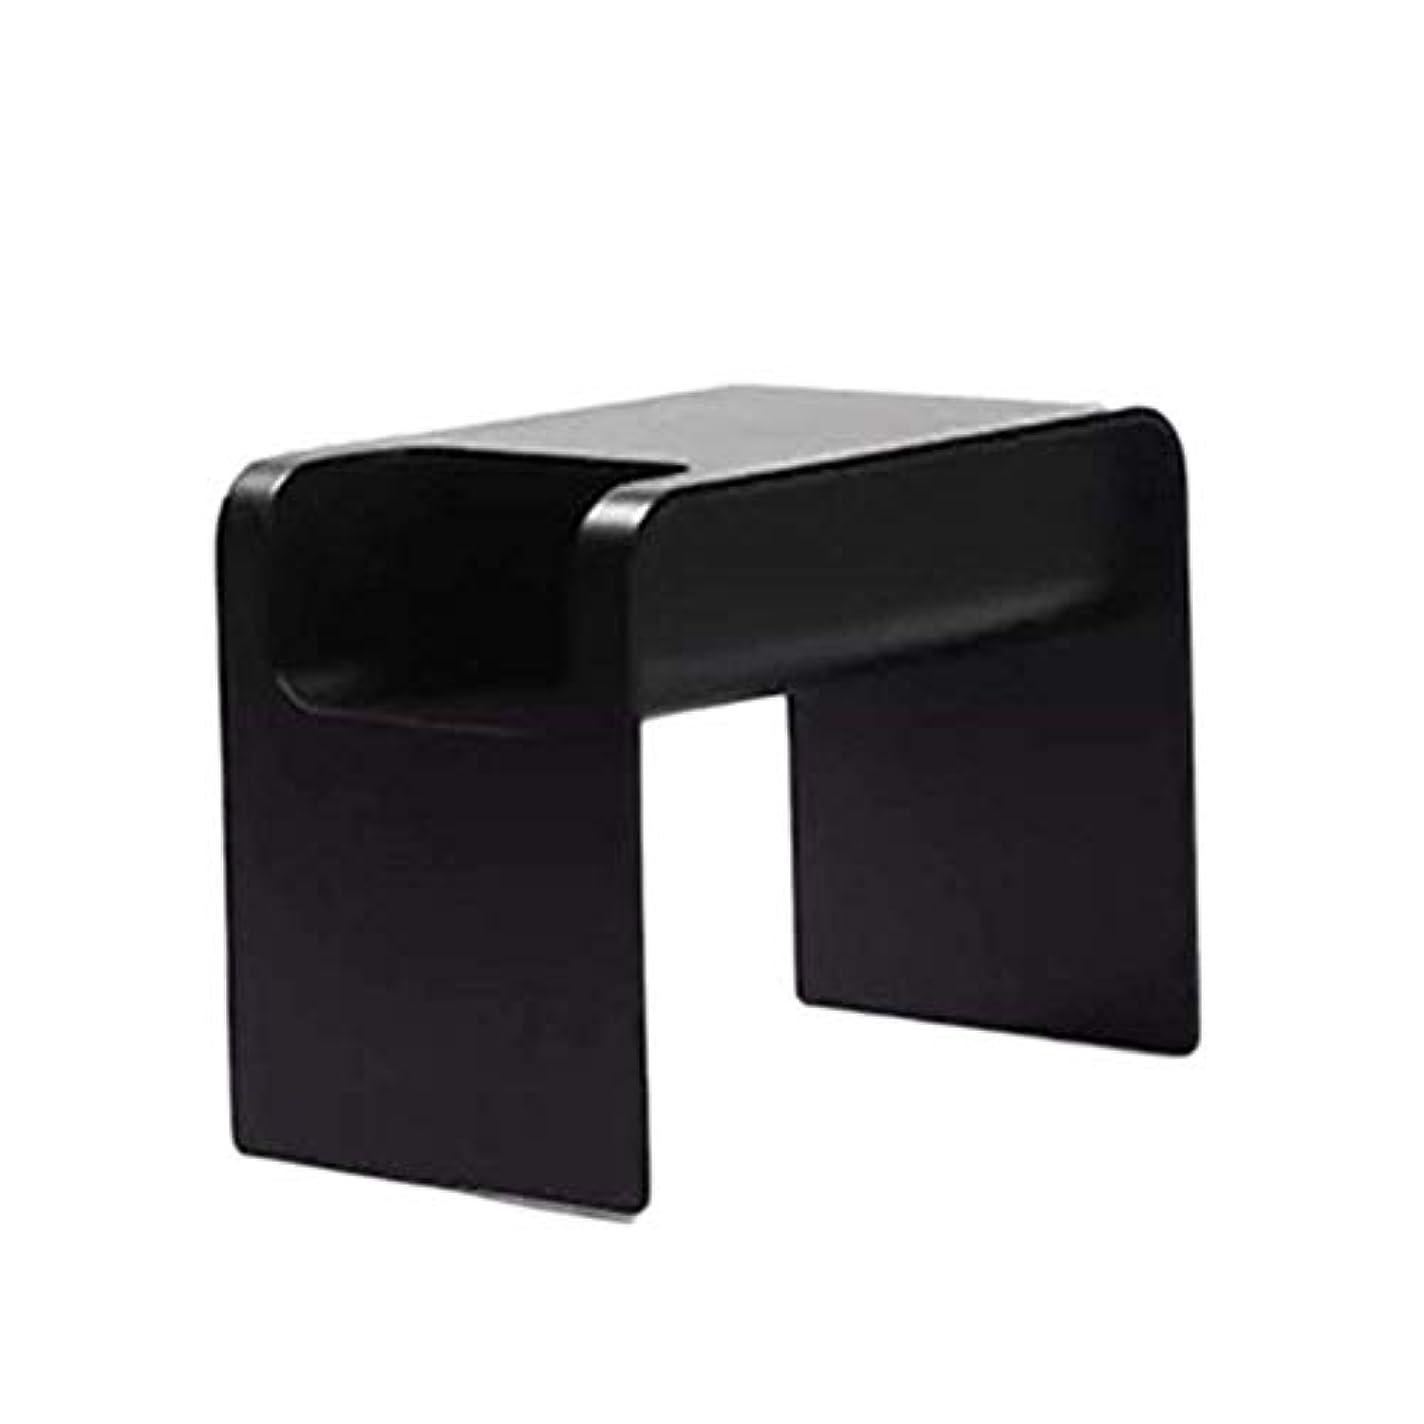 HUO,テーブル クリエイティブソリッドウッドサイドテーブルポータブル小型コーヒーテーブル小型多機能ストレージキャビネット - 60 * 45 * 35センチメートル